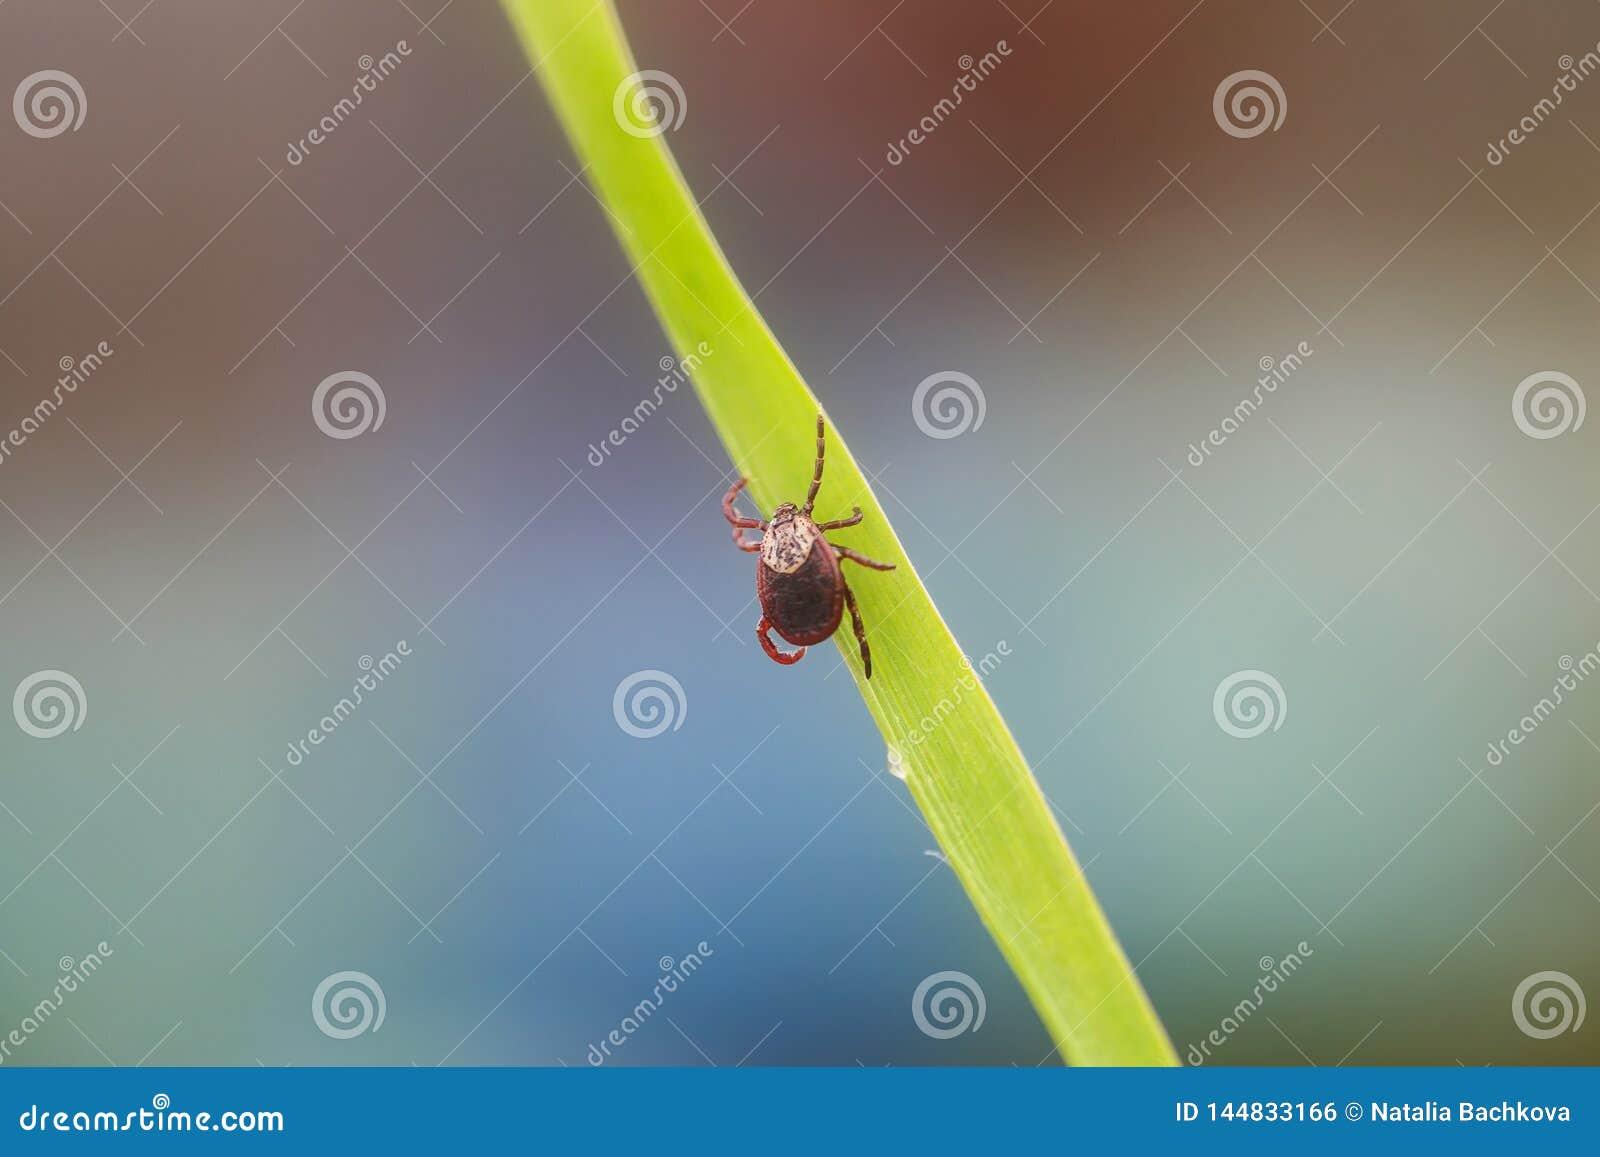 El insecto contagioso peligroso un ácaro que intoxica se arrastra en la hierba antes de la mordedura de la víctima